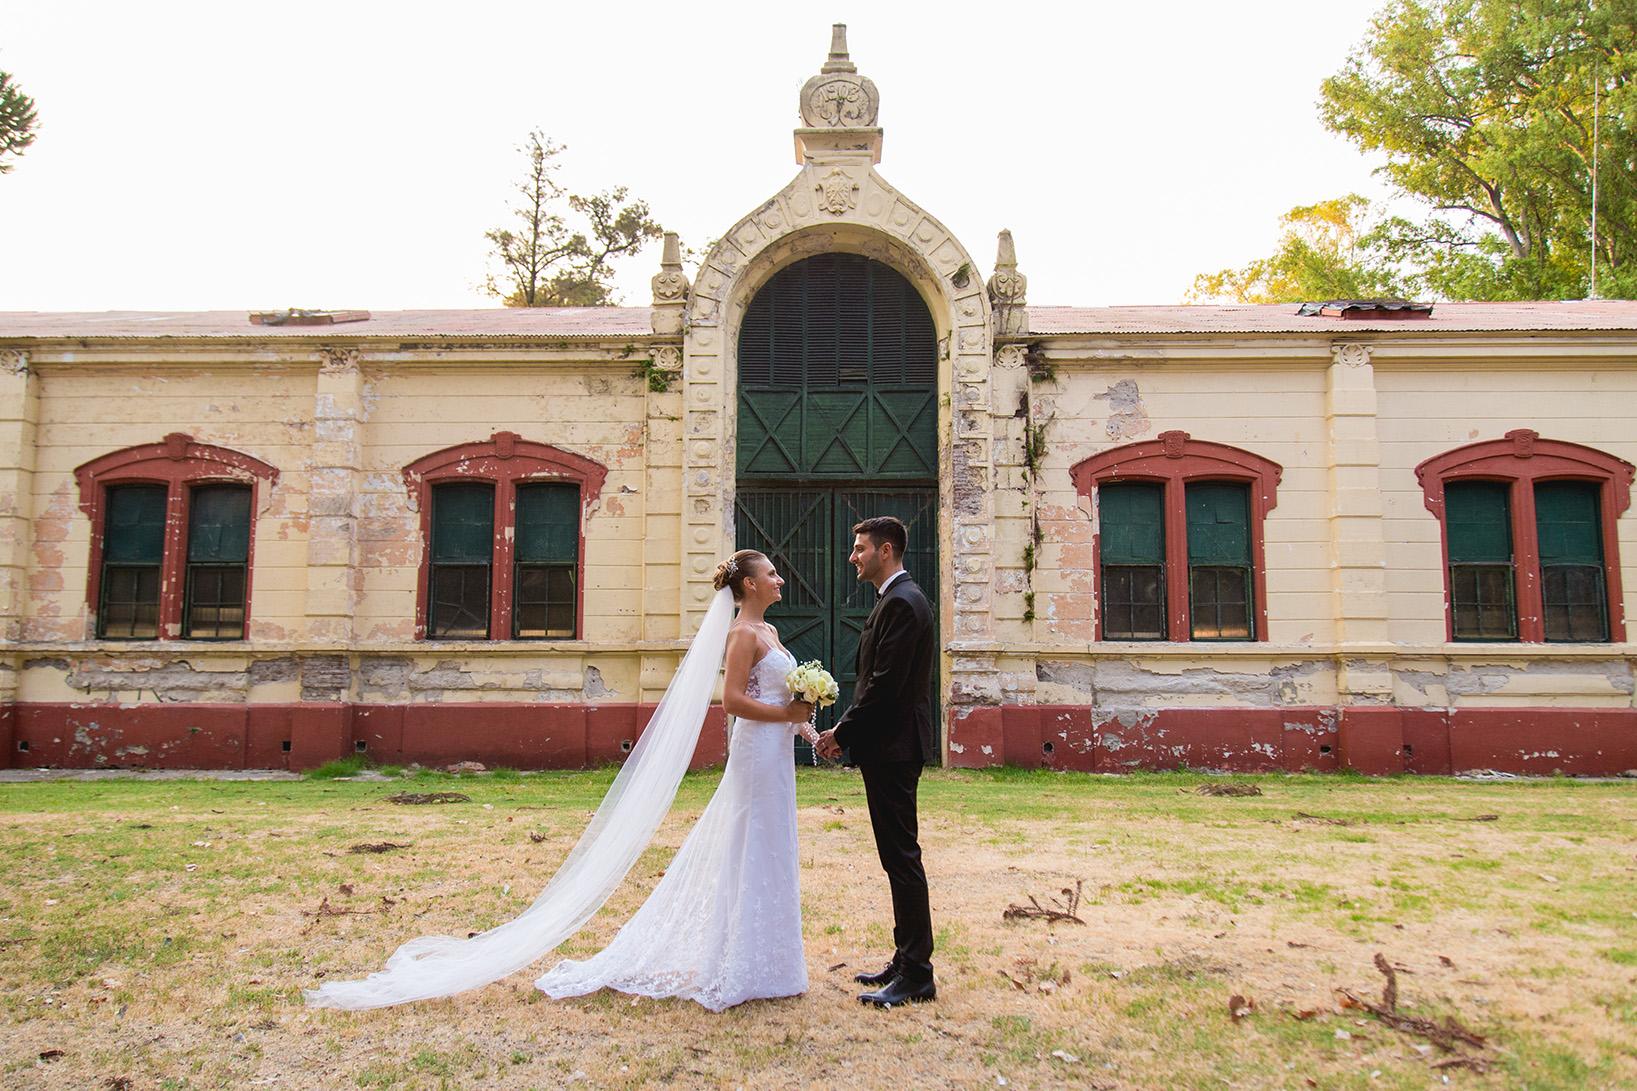 Fotos de la boda de Luisi y Maxi en Rosario realizadas por Bucle Fotografias Flor Bosio y Caro Clerici